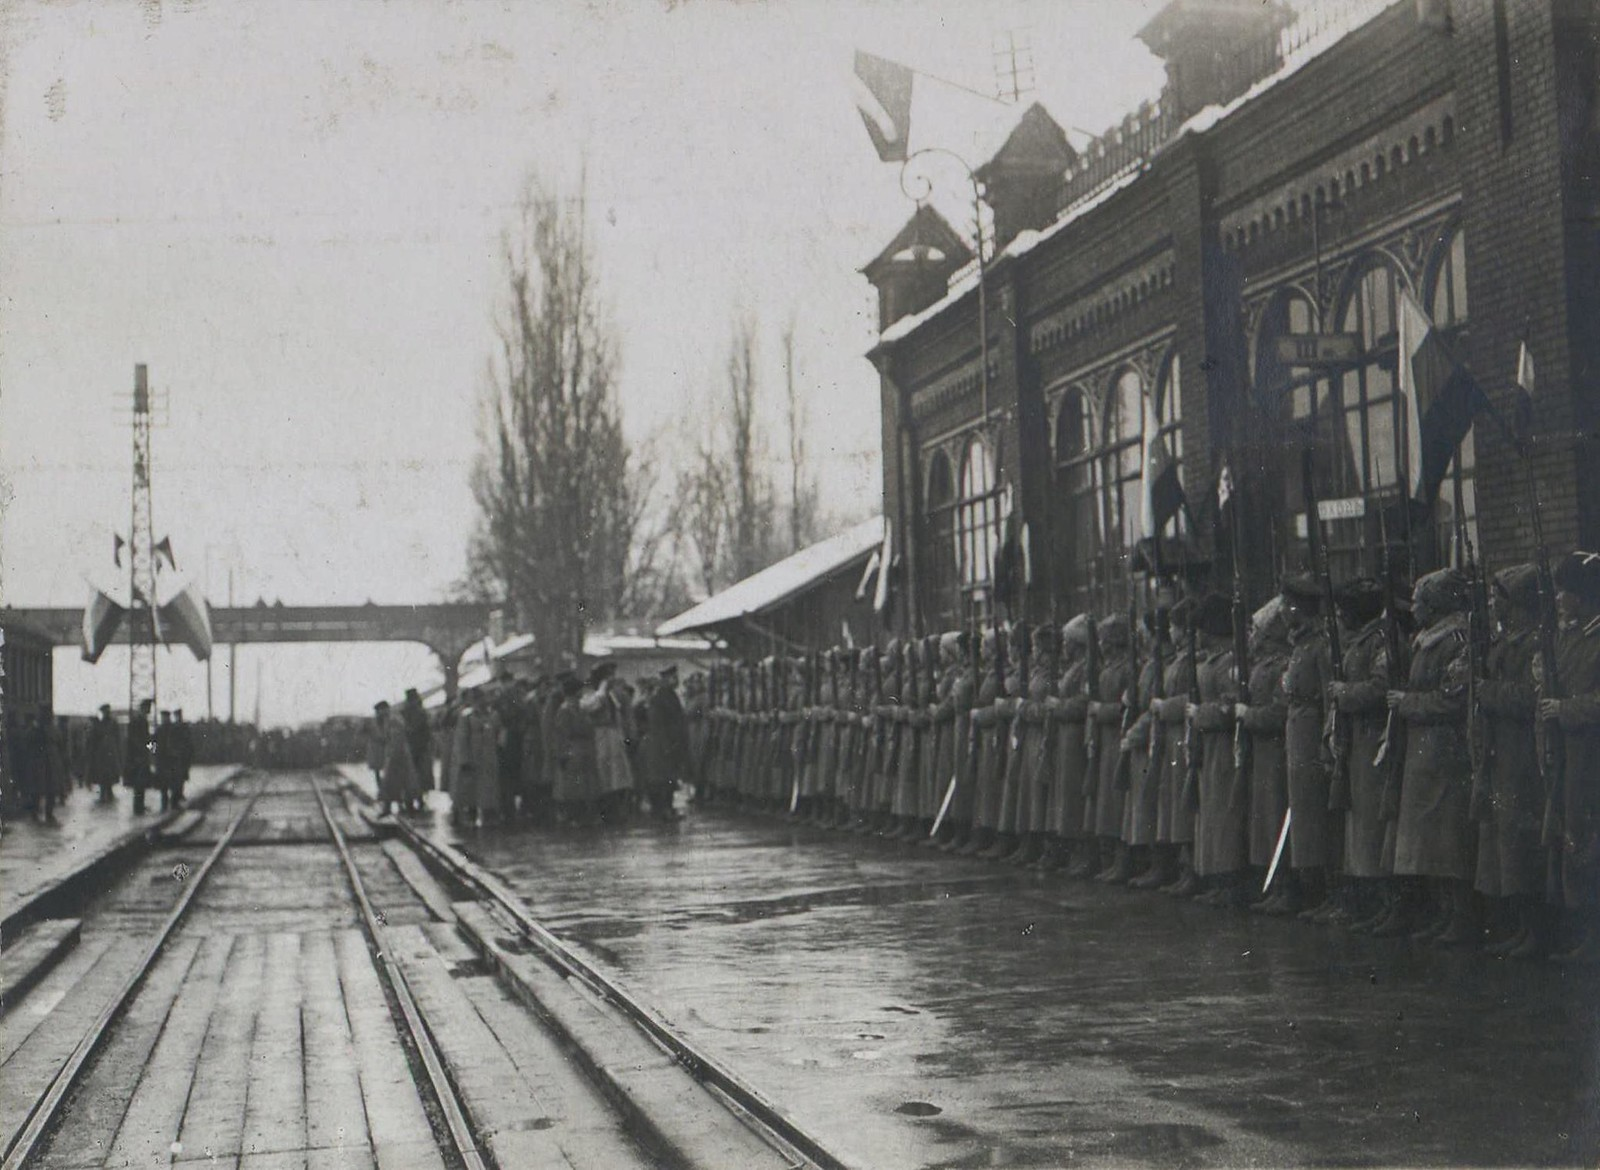 08. 1918. Прибытие генерала Фредерика Пуля в  Новороссийск. 3 декабря